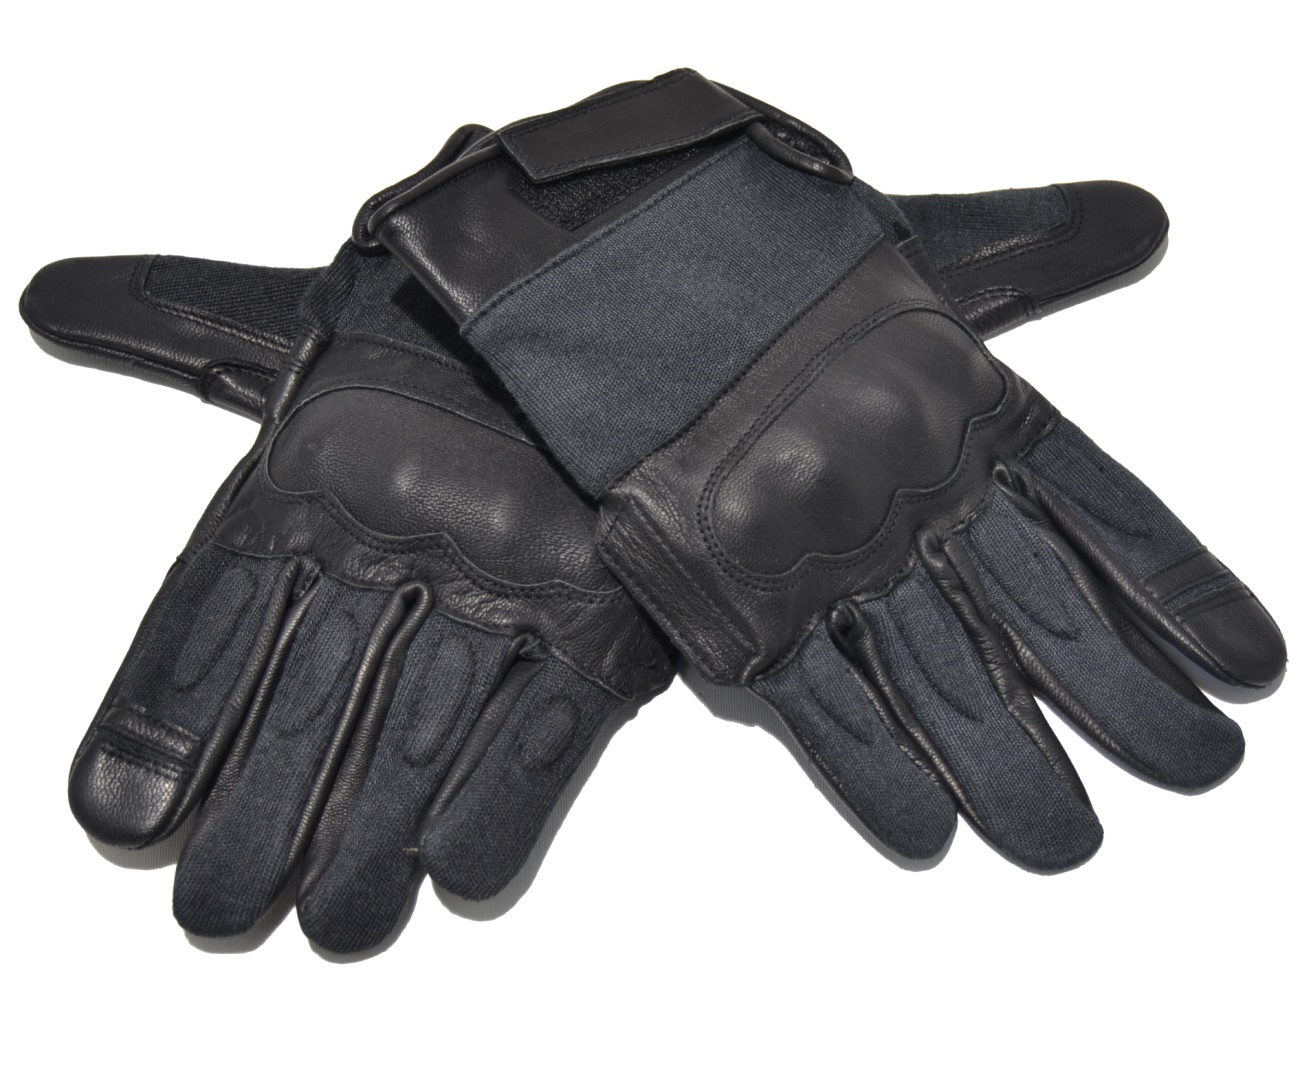 Security Kevlar Handschuhe aus Rindsleder und Neopren Damen